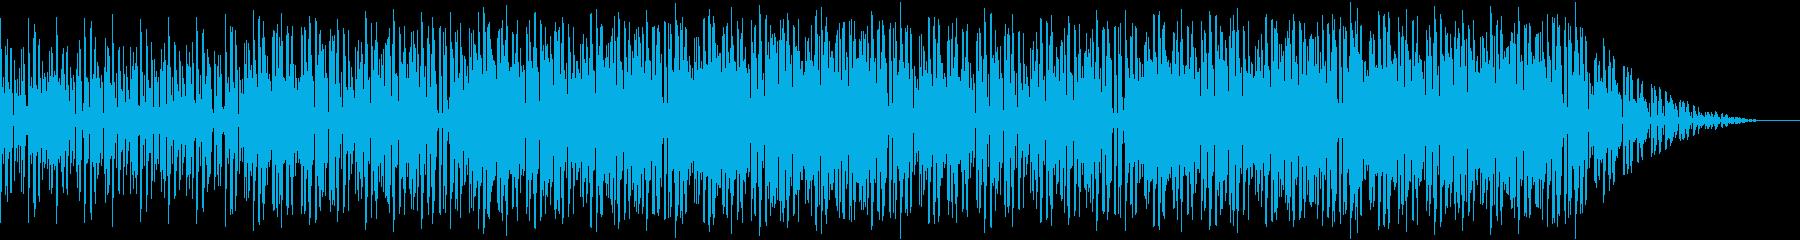 ゆったりテンポでノりたくなるクールEDMの再生済みの波形